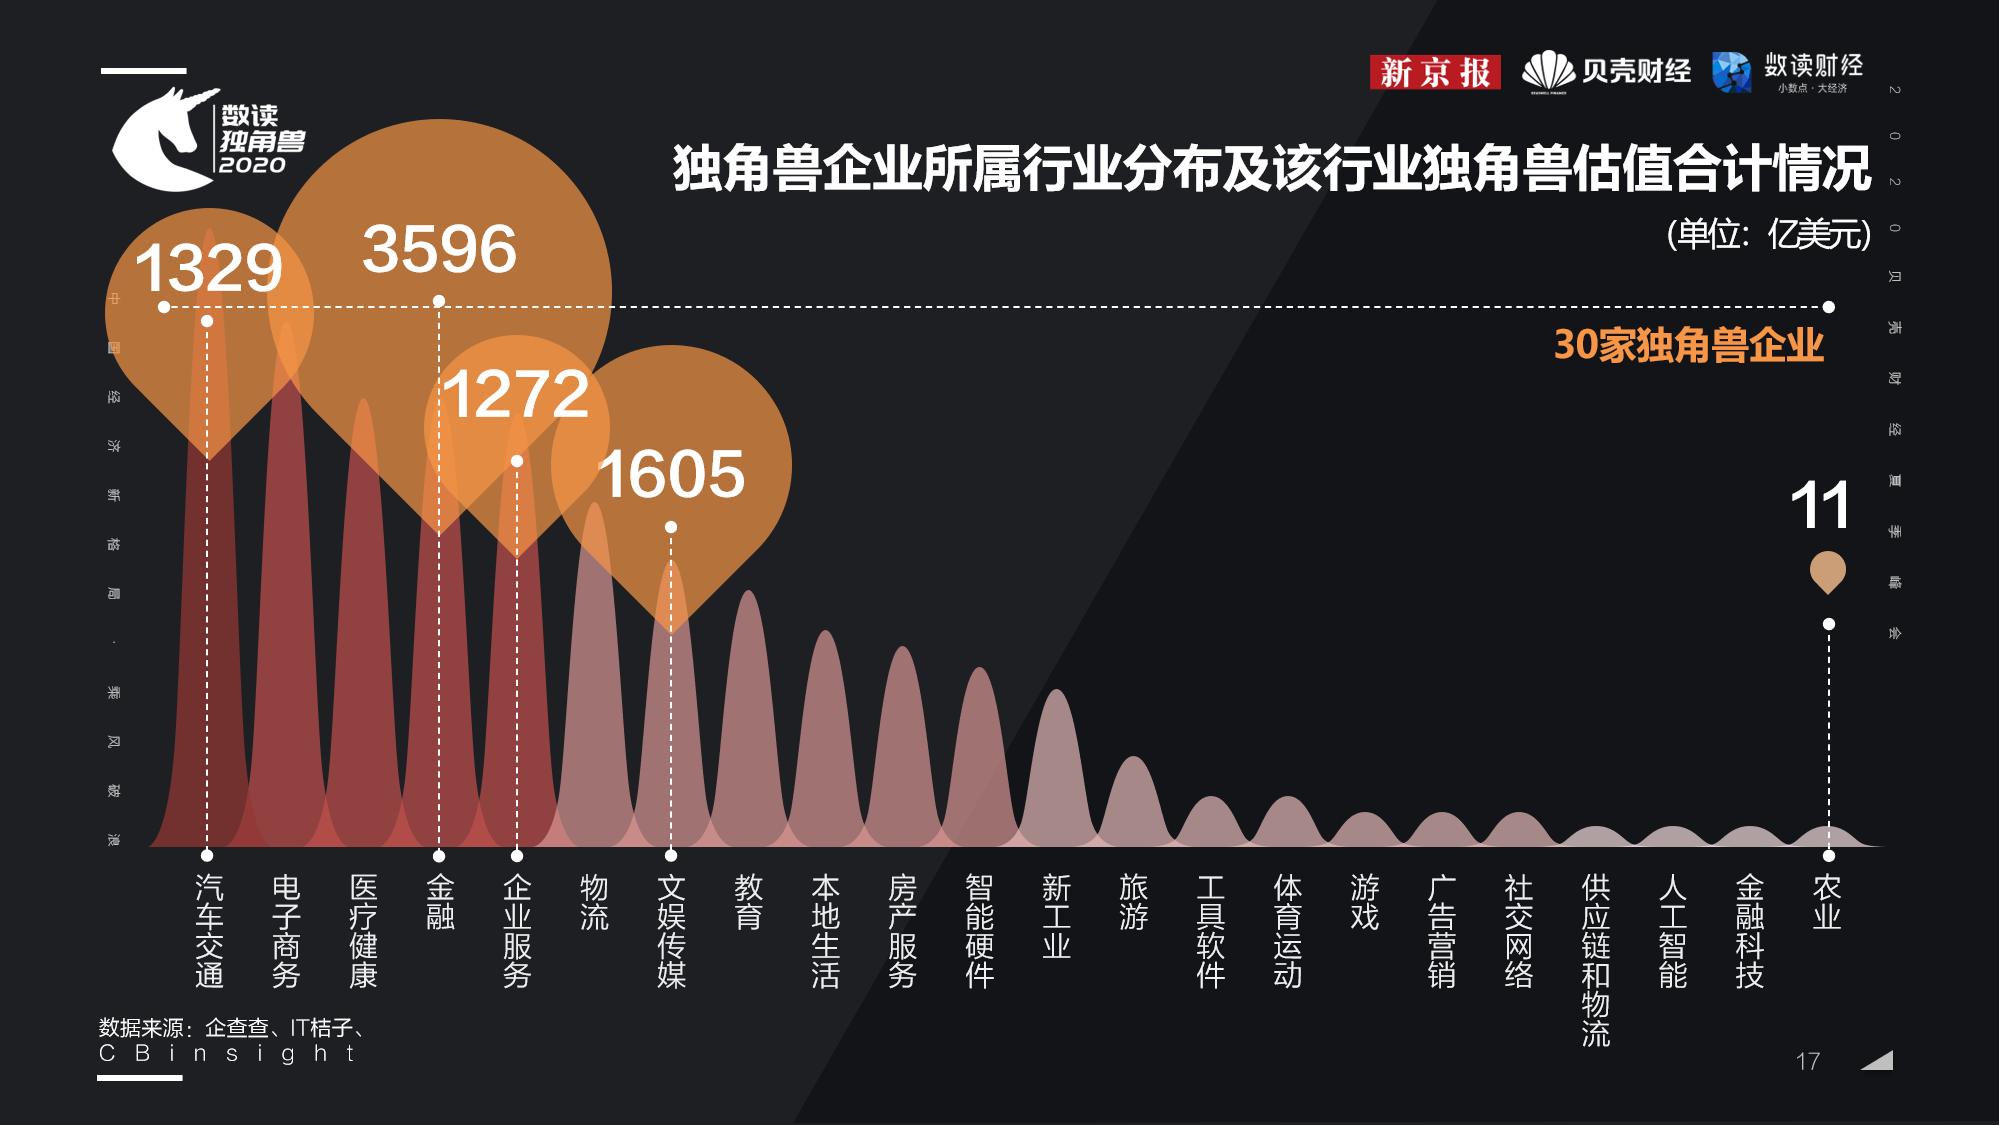 2020中国城市独角兽企业排行榜,厦门仅这家企业在榜